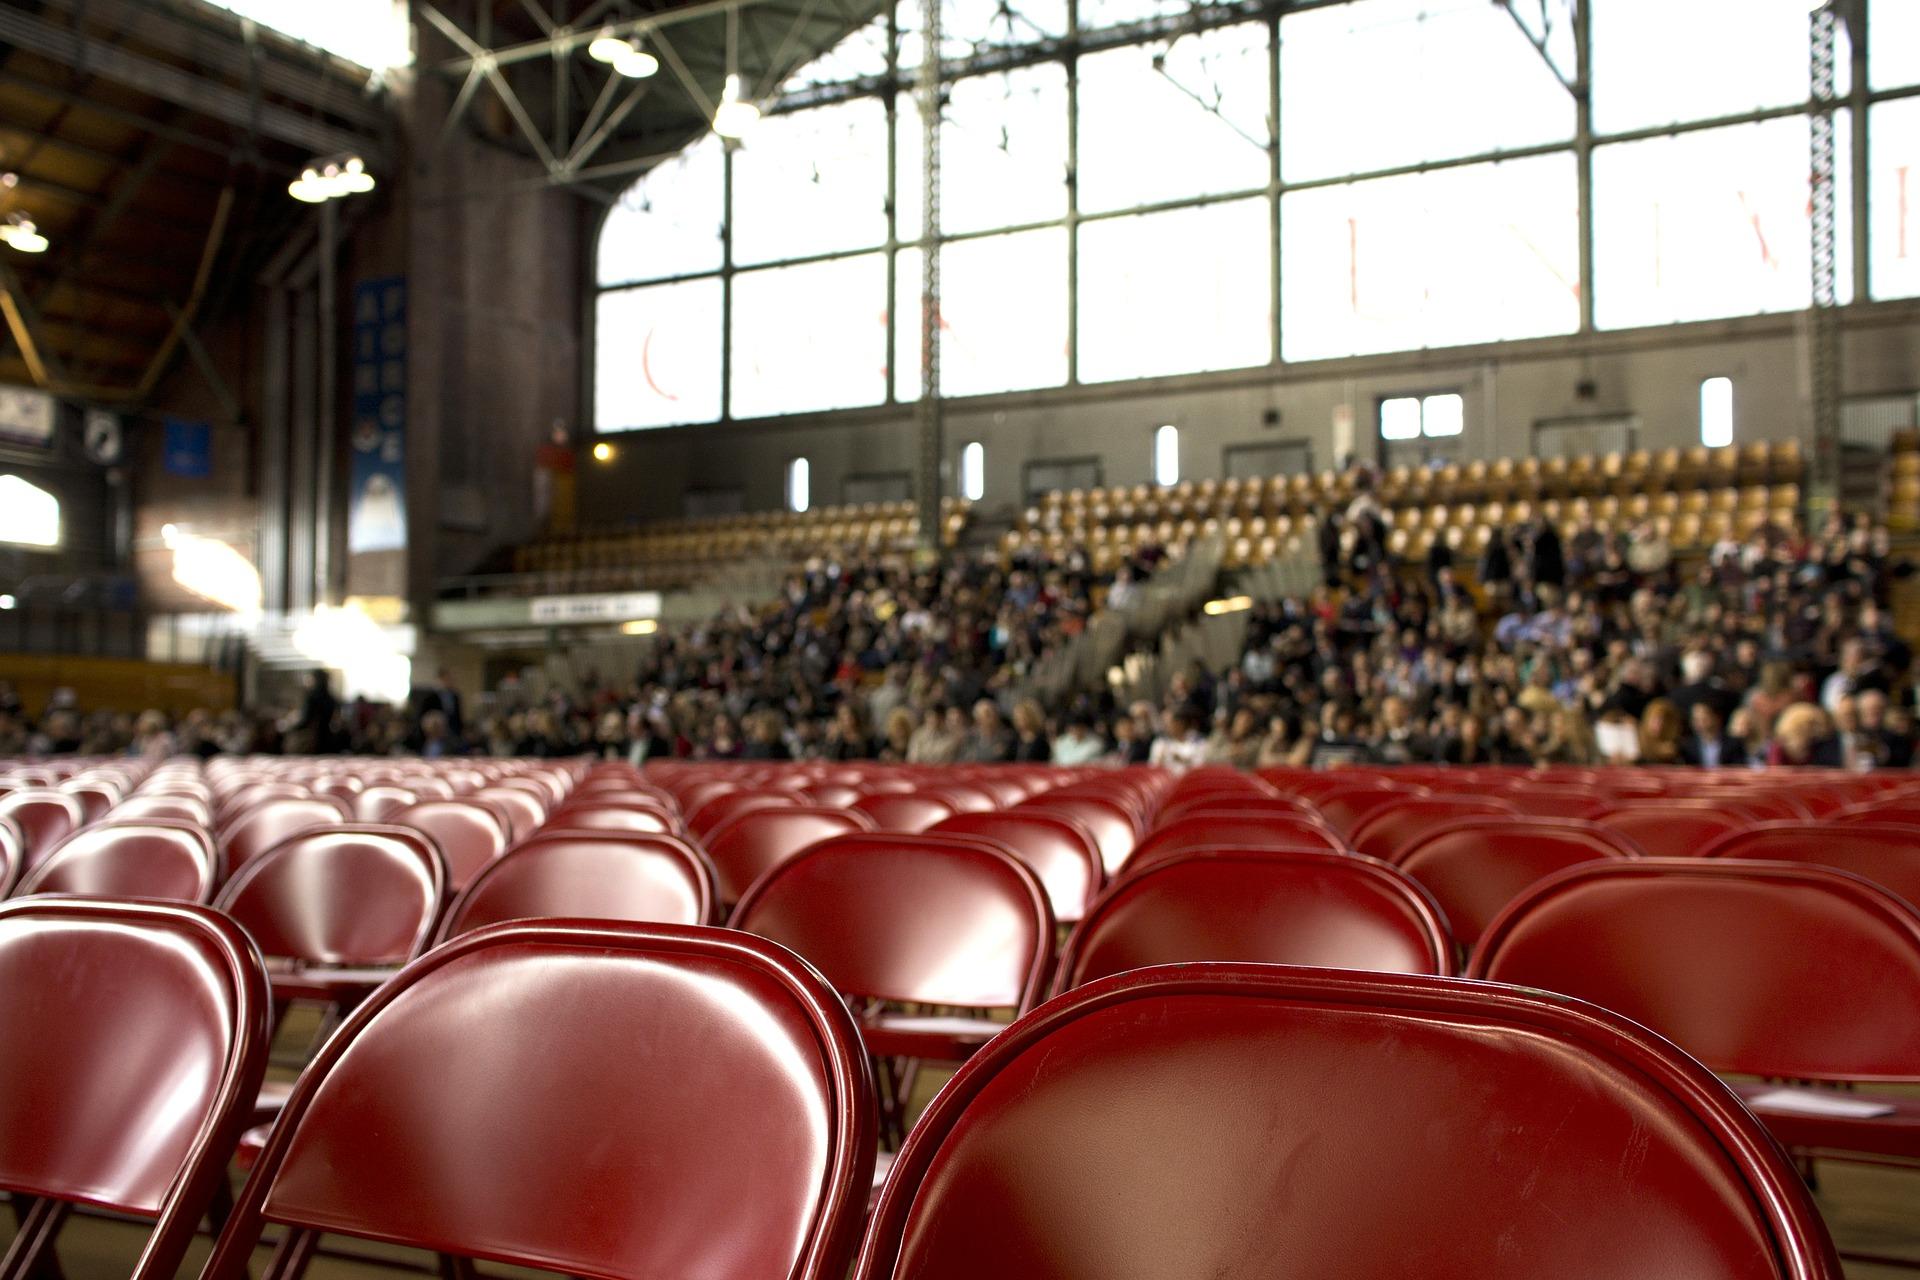 topluluk önünde konuşma yaparken seyirciyi de sunuma dahil etmek